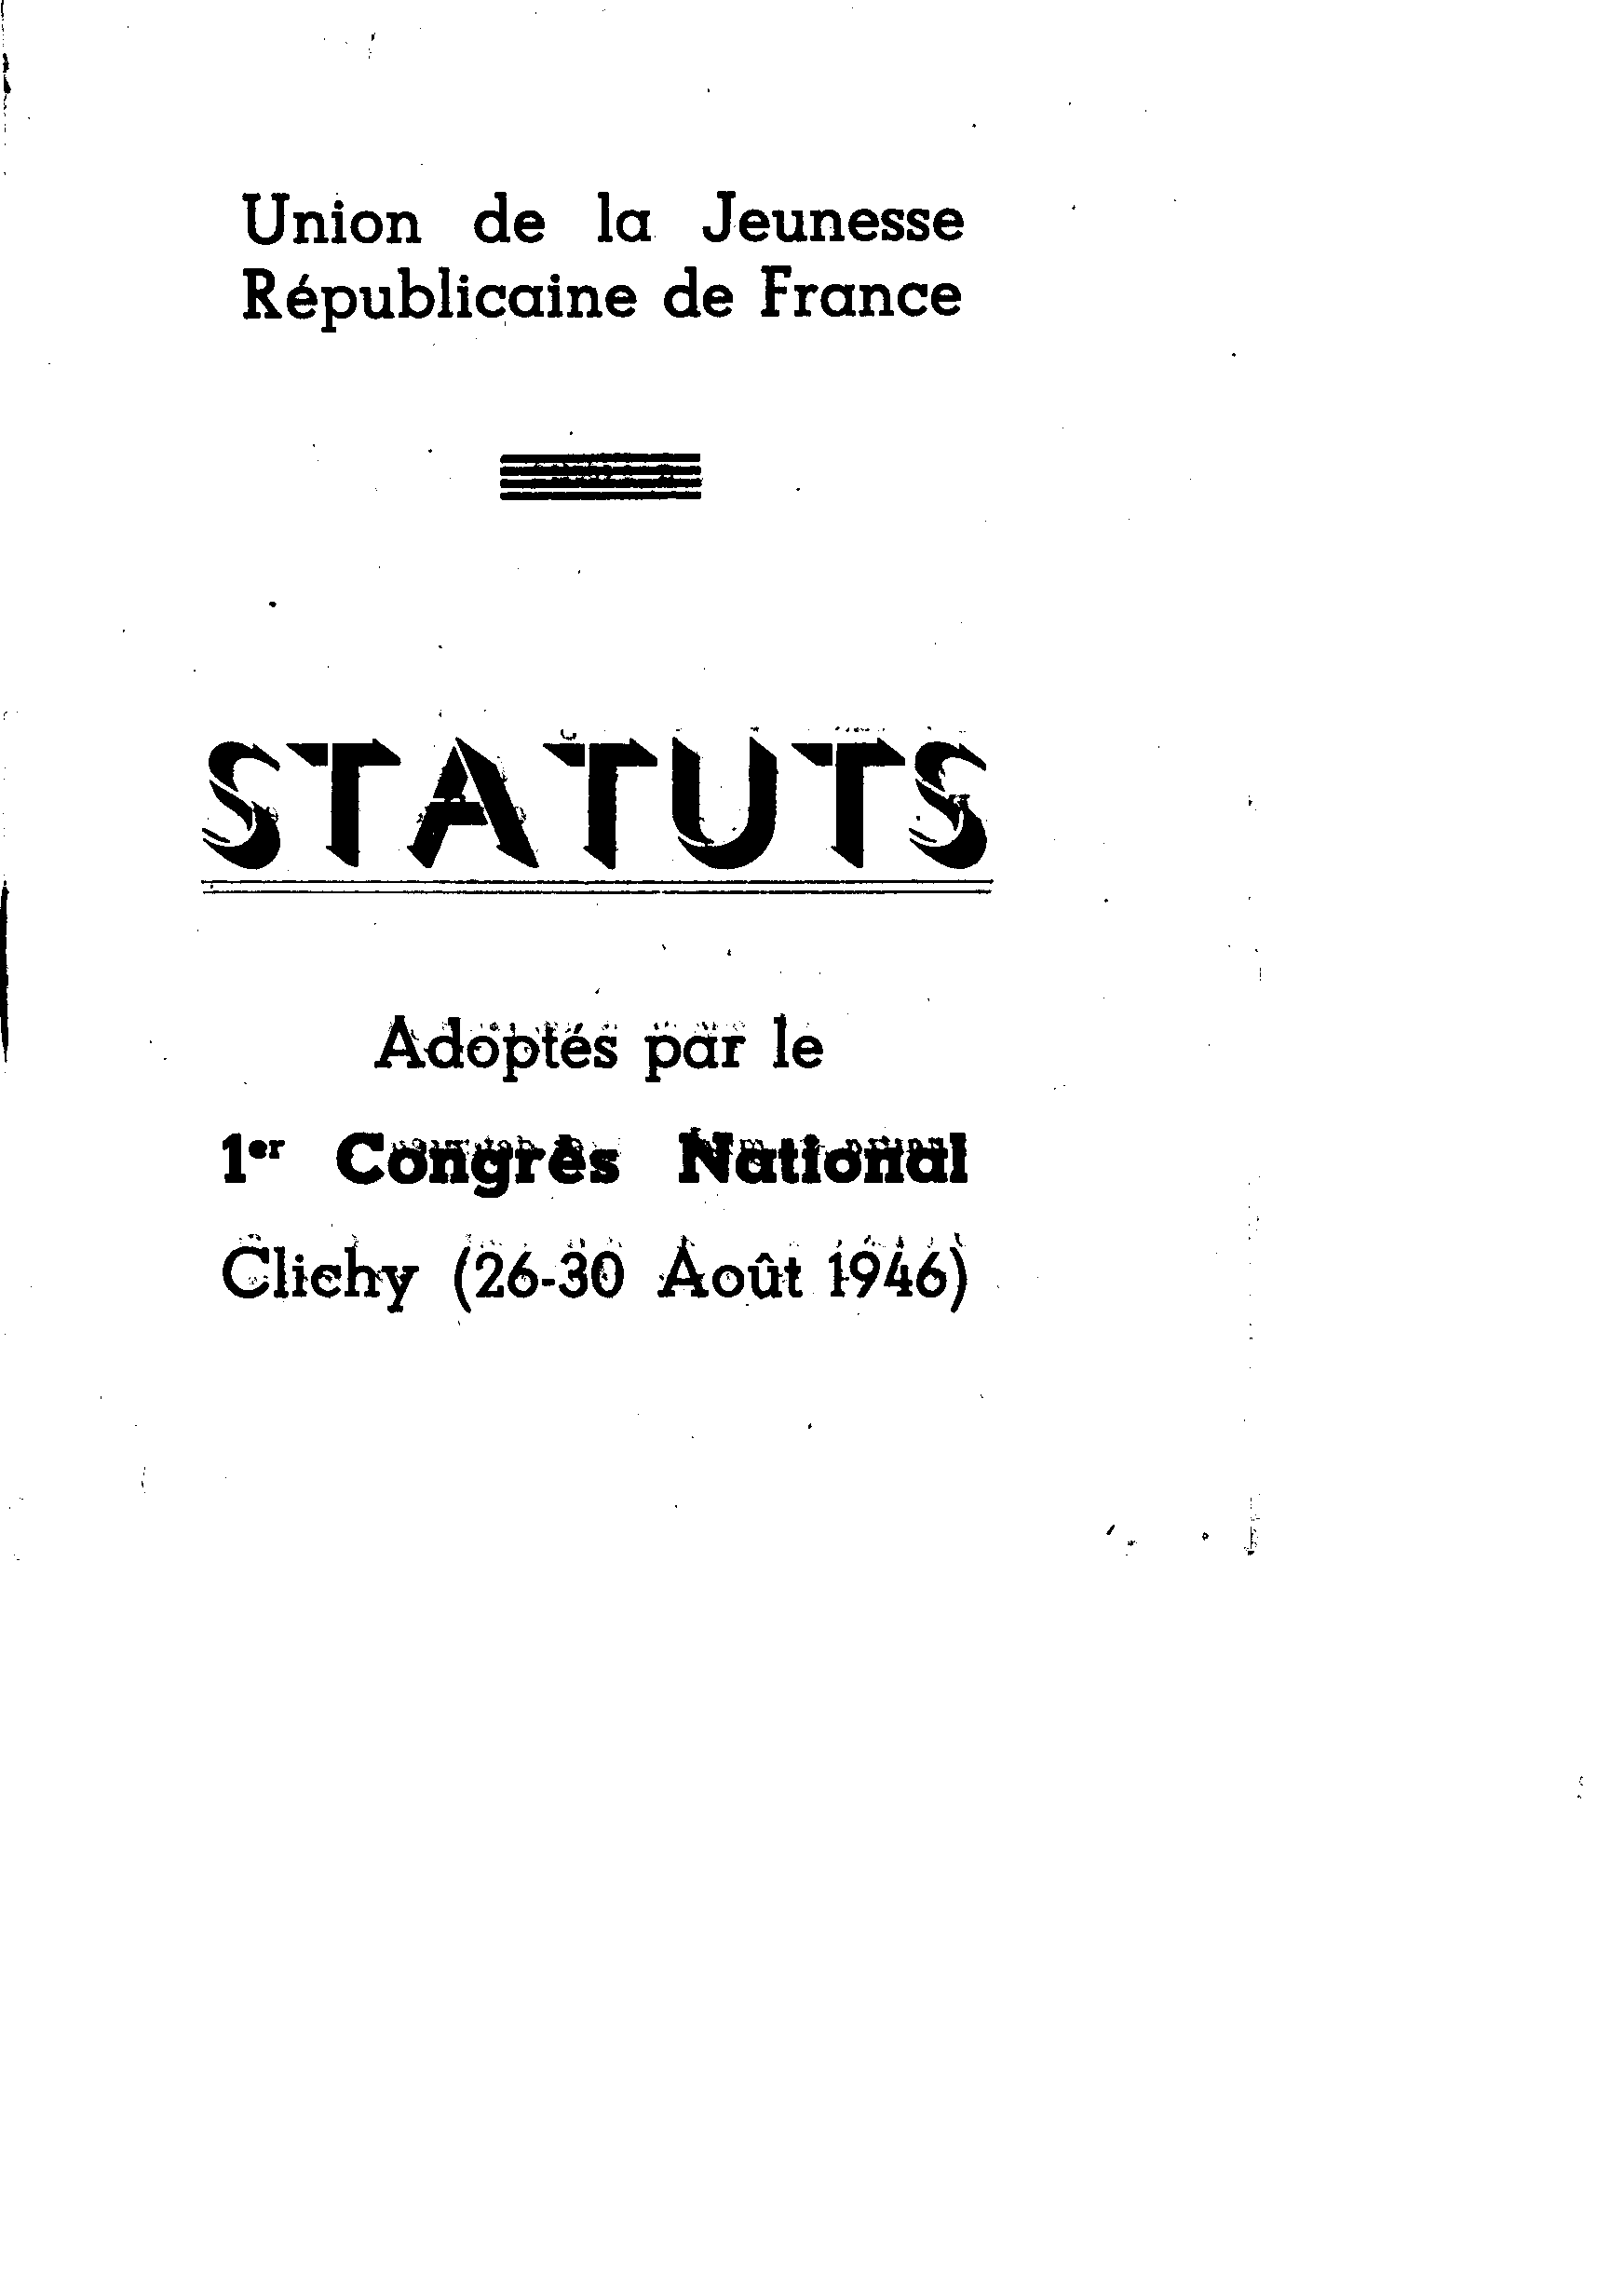 02611.001- pag.1